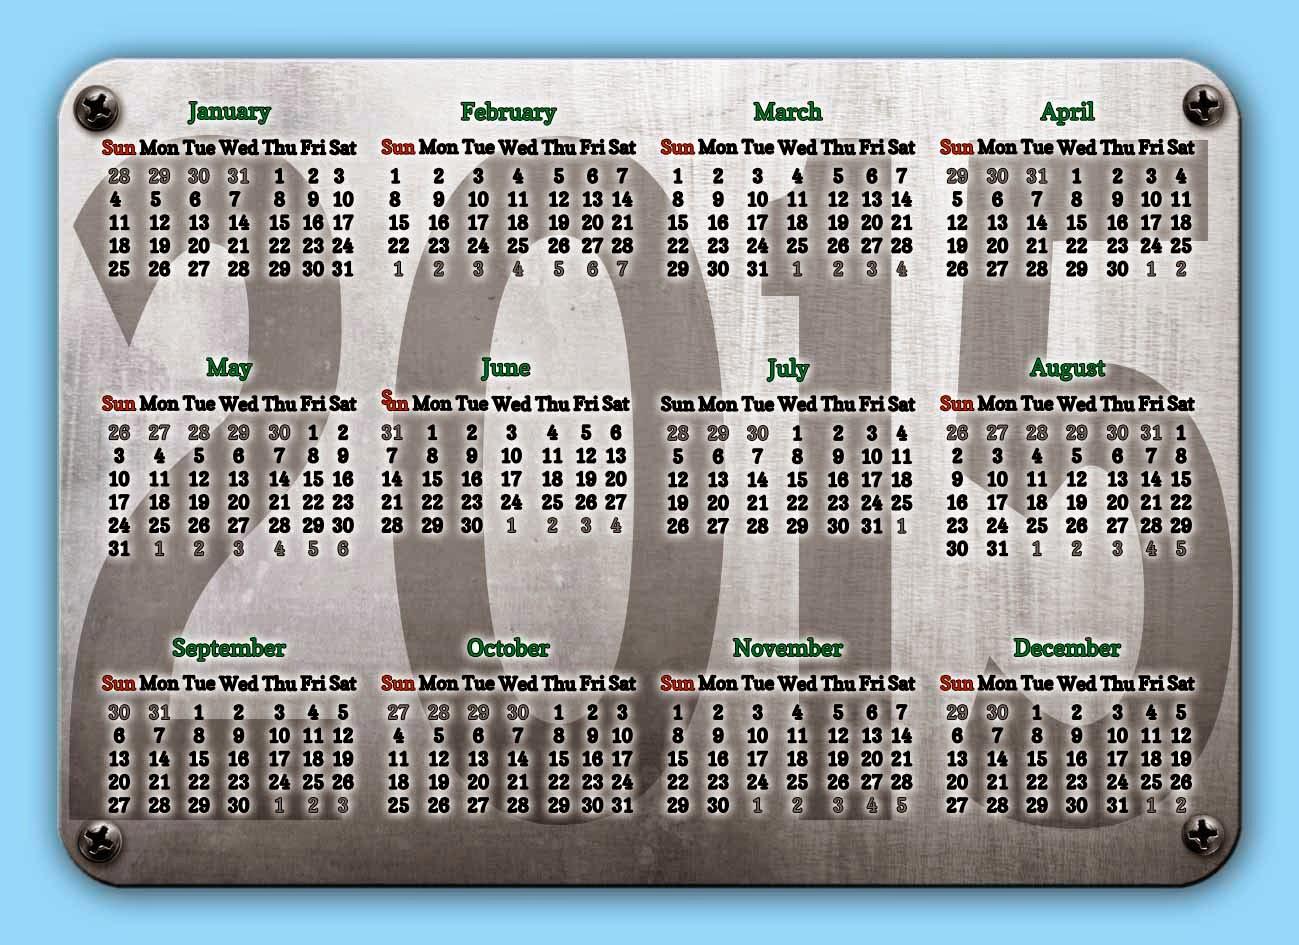 Placa metálica conteniendo un calendario 2015 en idioma inglés